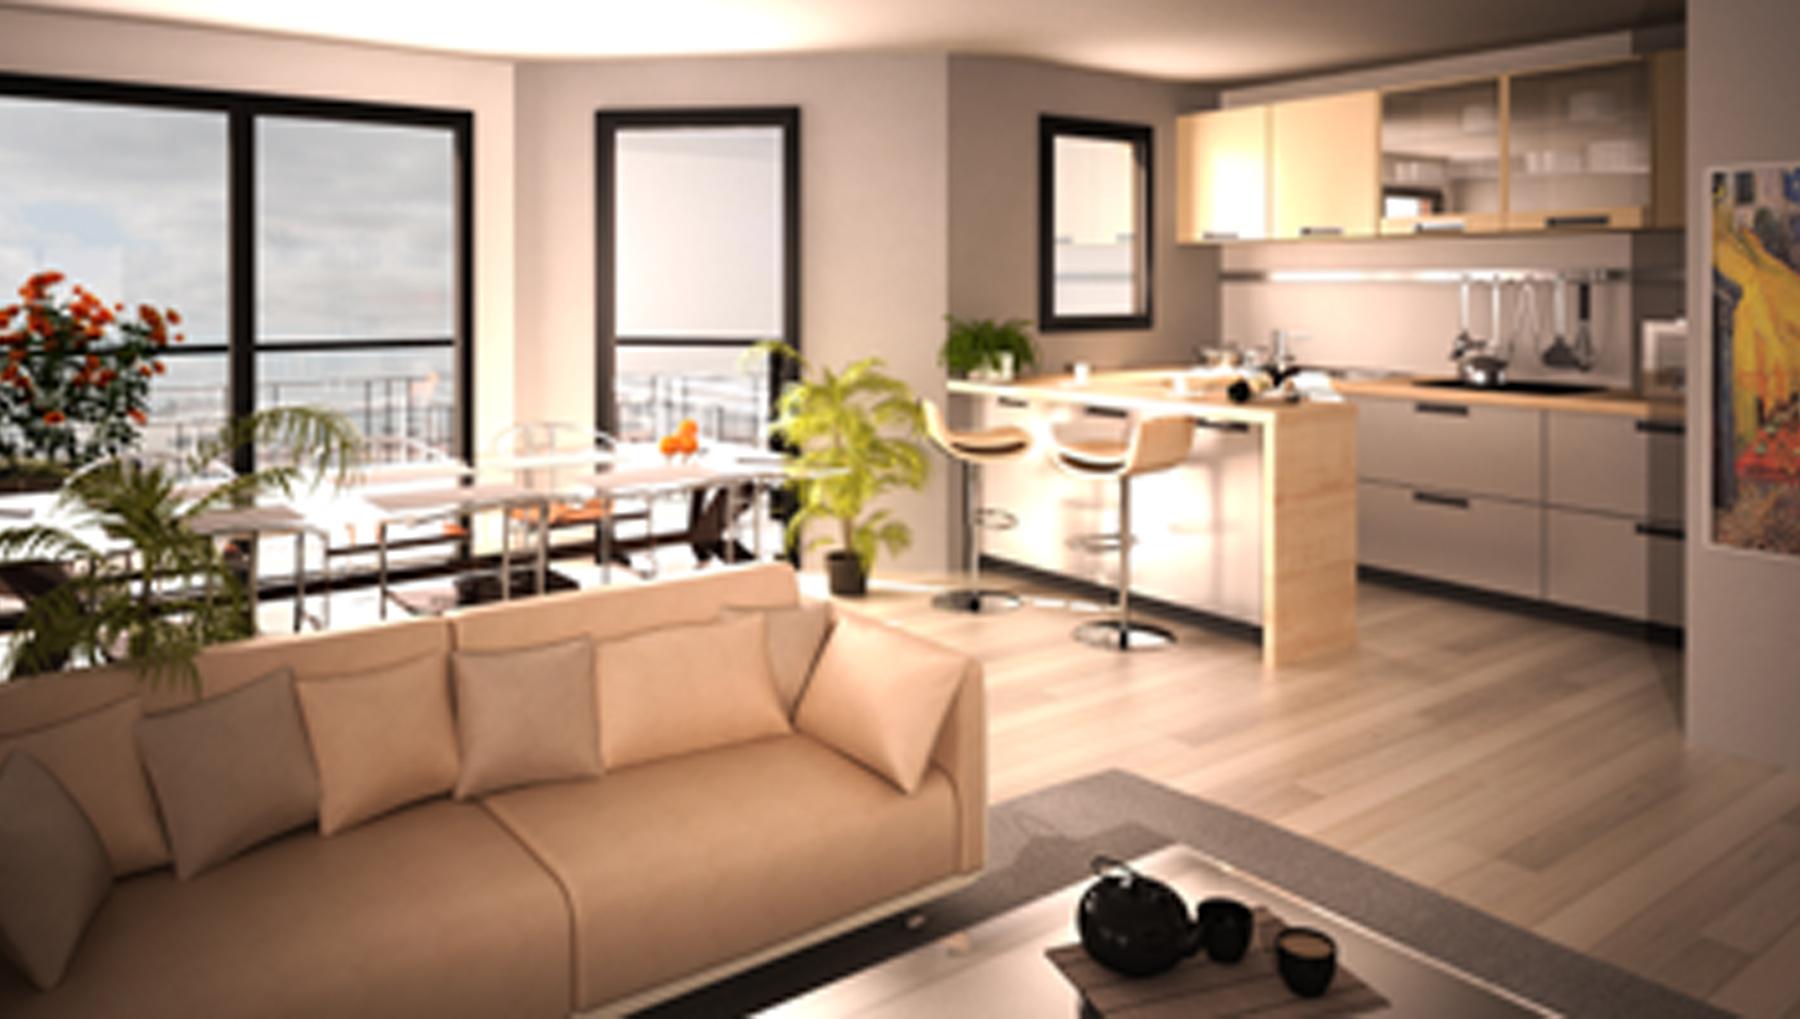 le-pre-carre-arras-programme-immobilier-adn-immobilier-02